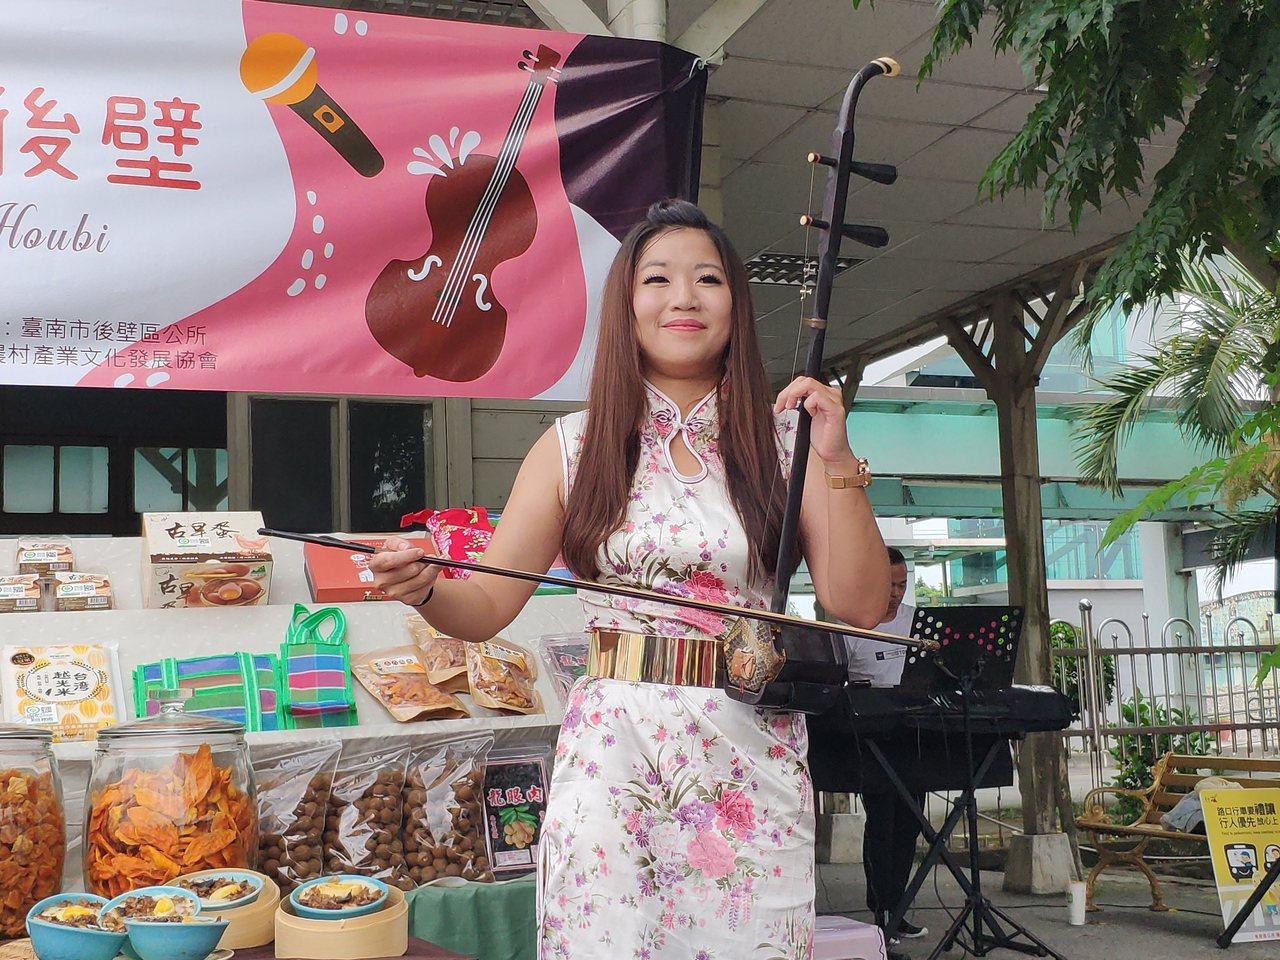 台南市後壁區公所結合後壁商圈本月14日辦理「樂遊~稻。後壁」活動,將有宥騰樂團拉...